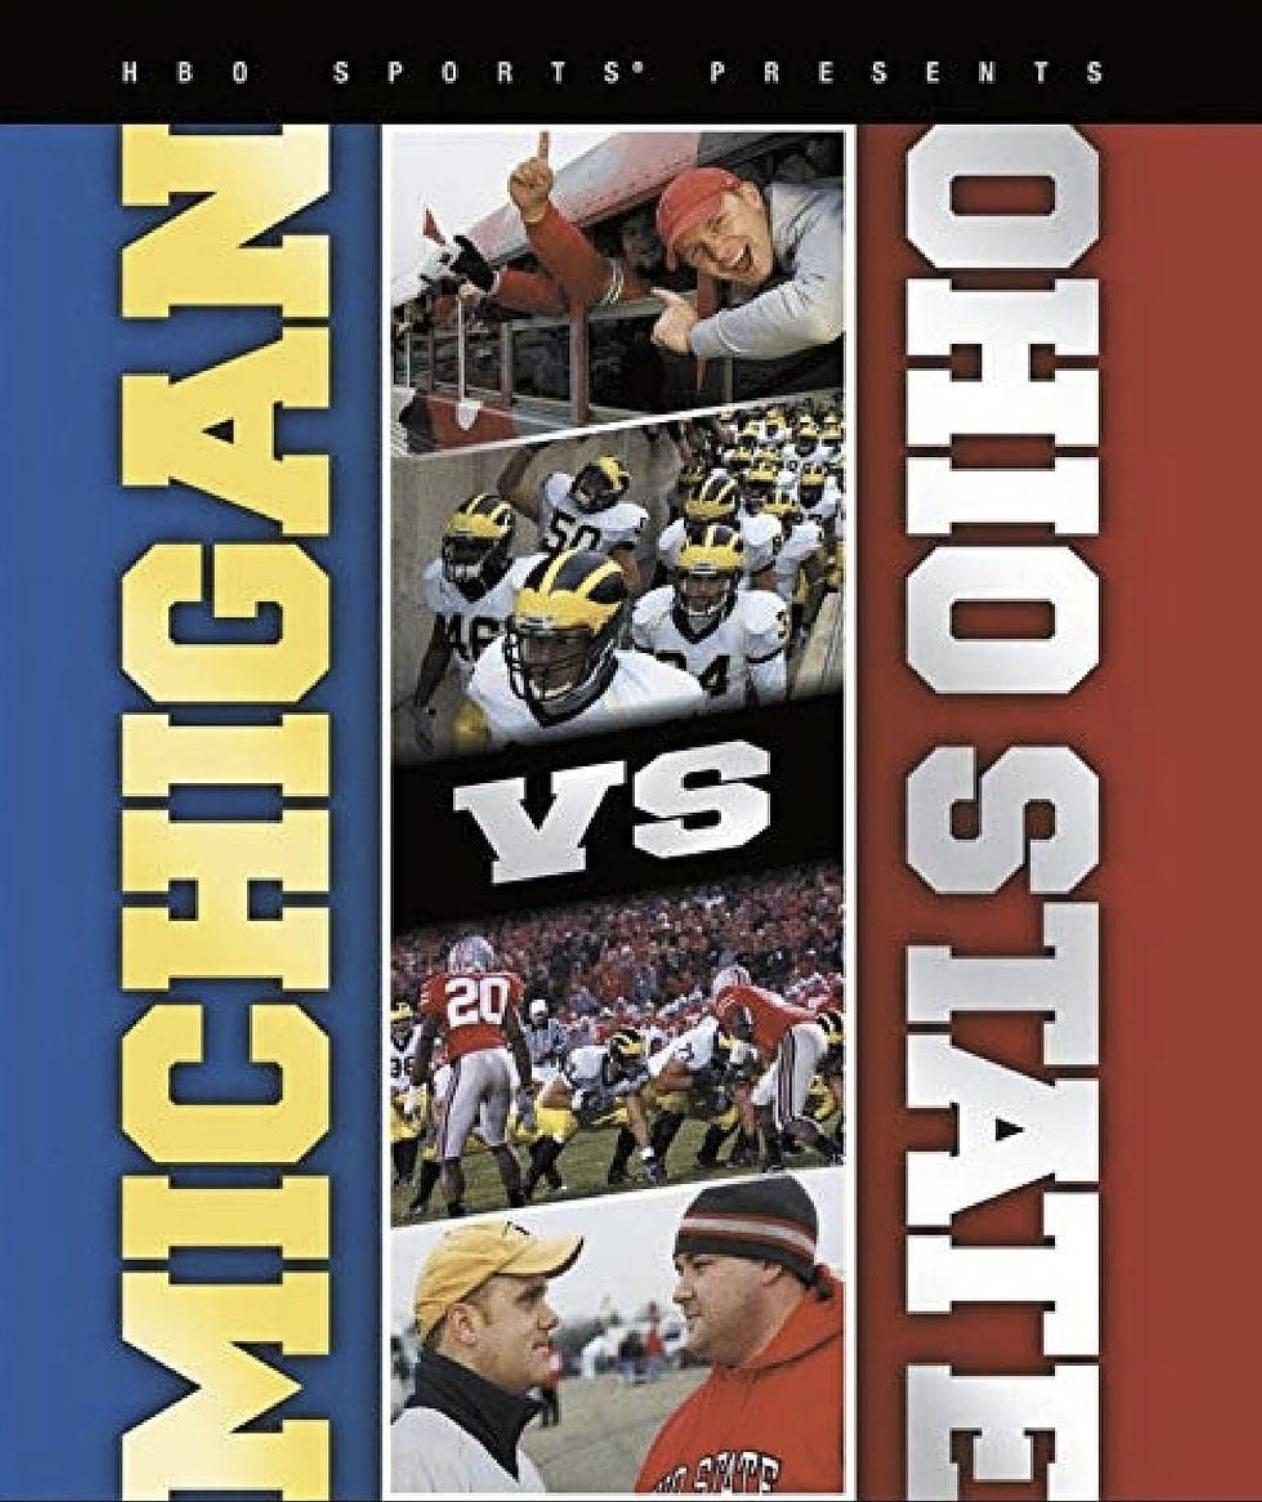 https://cdn.film-fish.com Michigan vs. Ohio State: The Rivalry